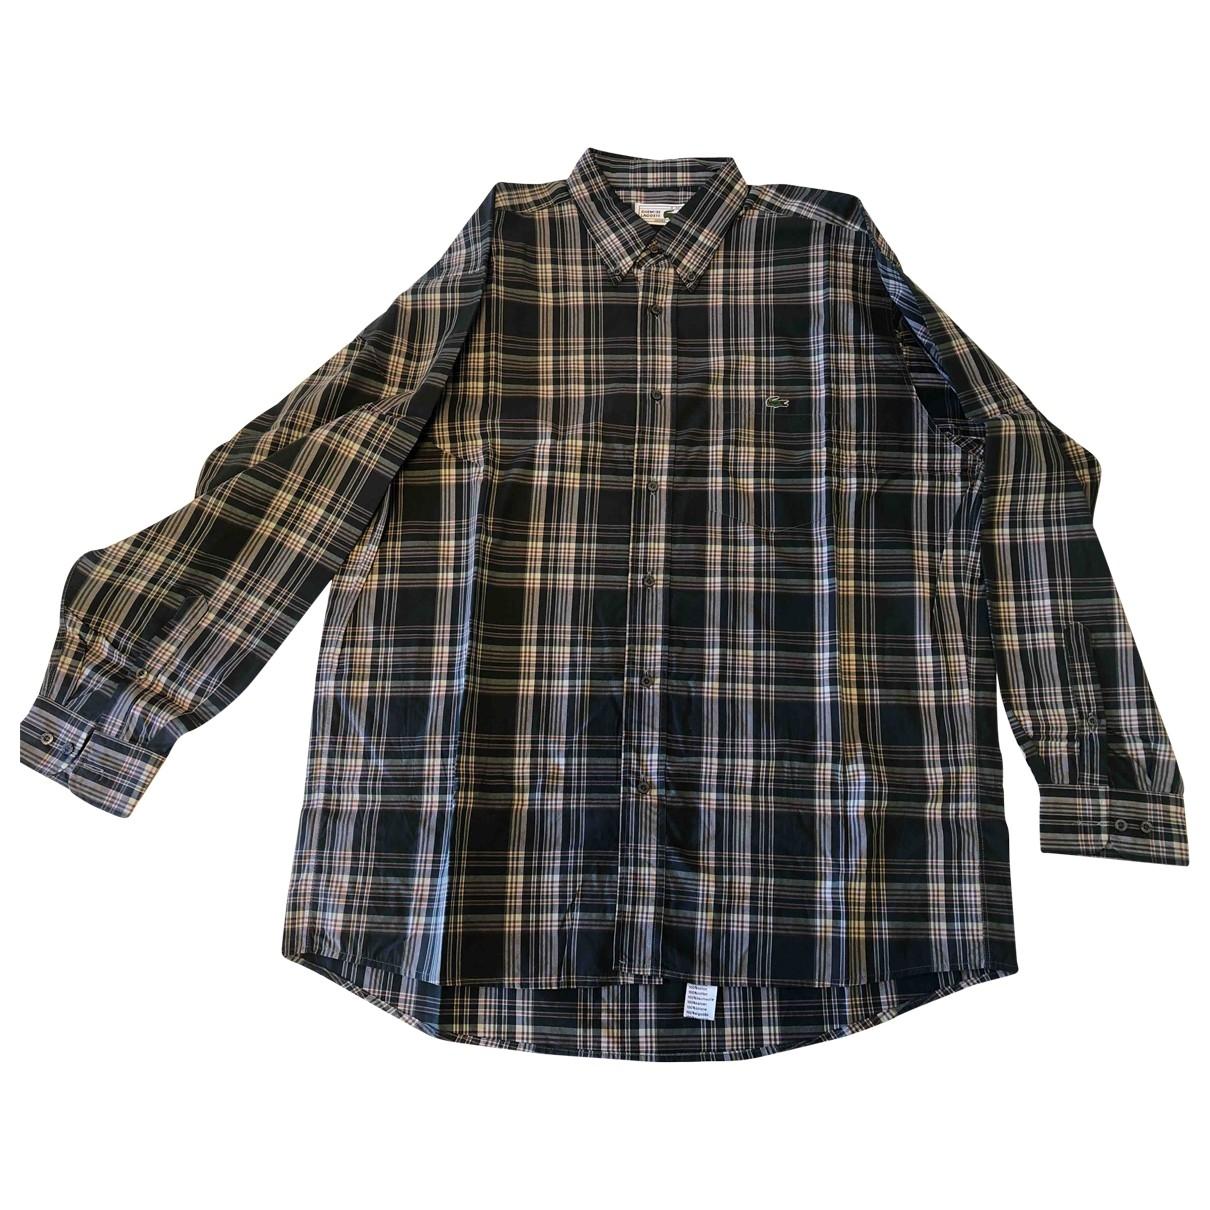 Lacoste \N Hemden in  Gruen Baumwolle